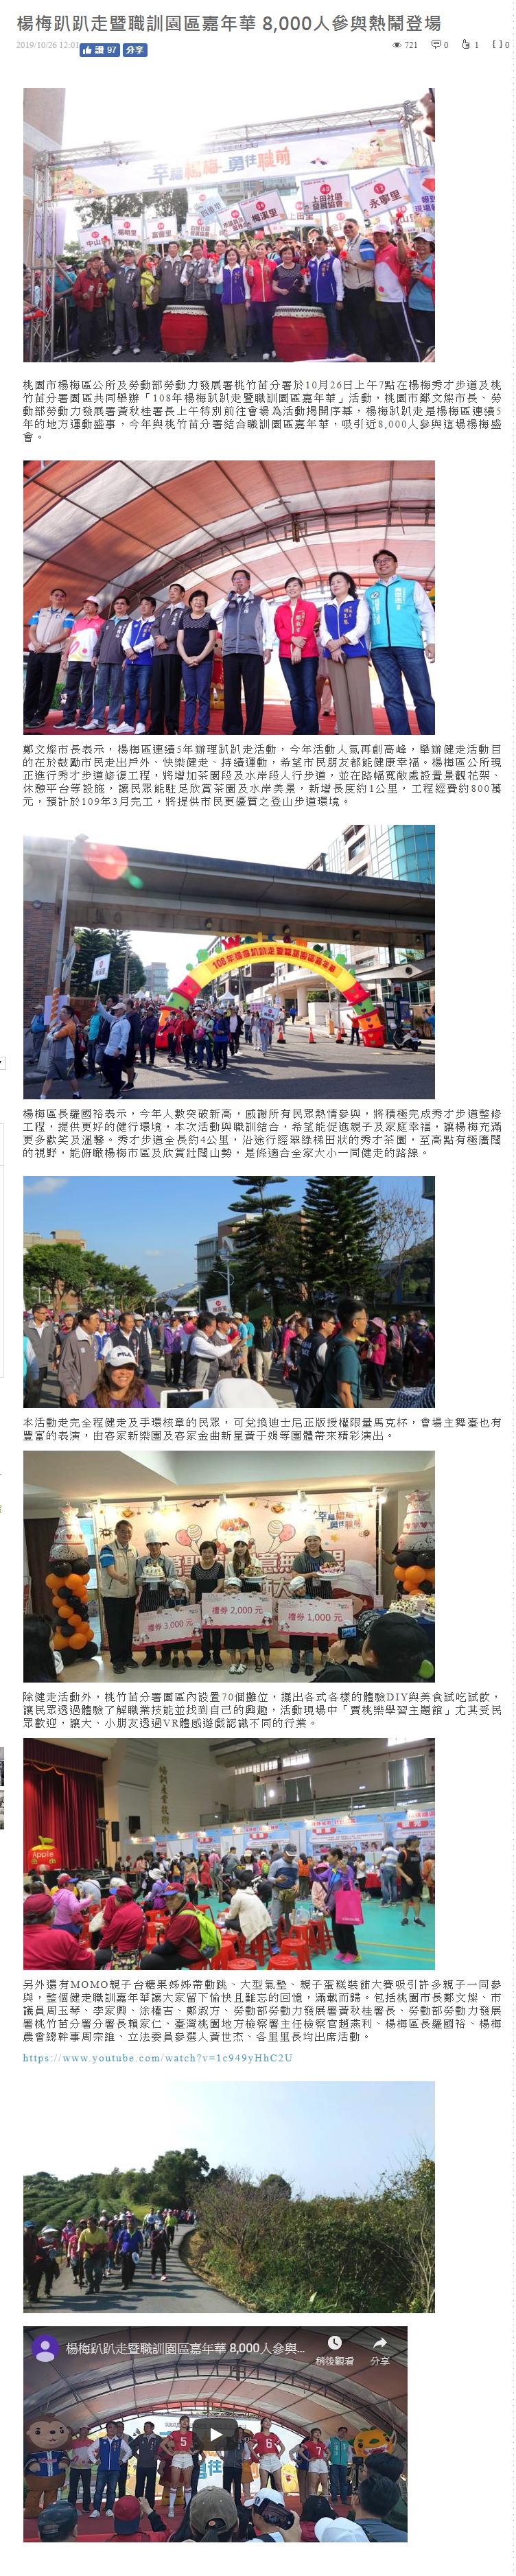 楊梅趴趴走暨職訓園區嘉年華 8,000人參與熱鬧登場